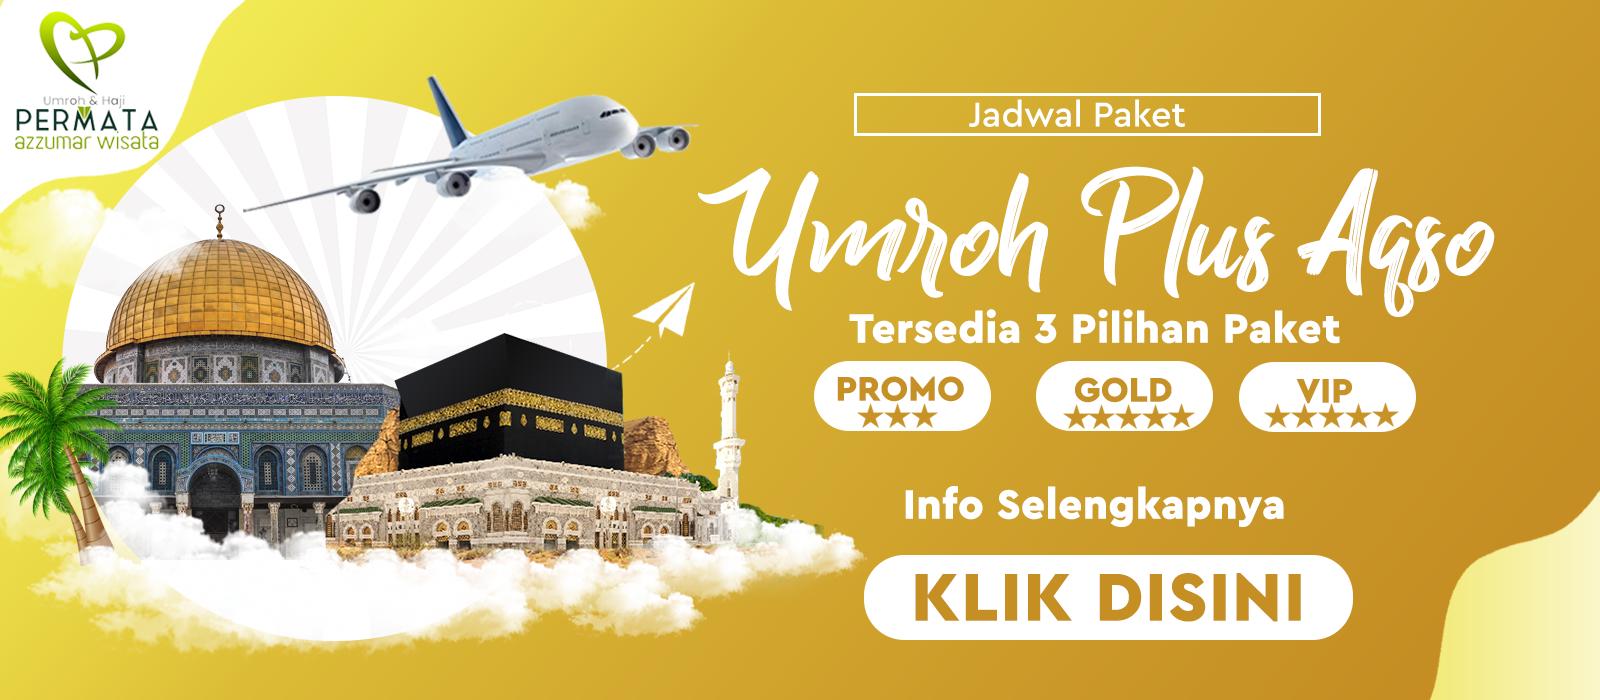 Paket Umroh Plus Aqso Murah Biaya Promo Jadwal Tahun 2019 2020